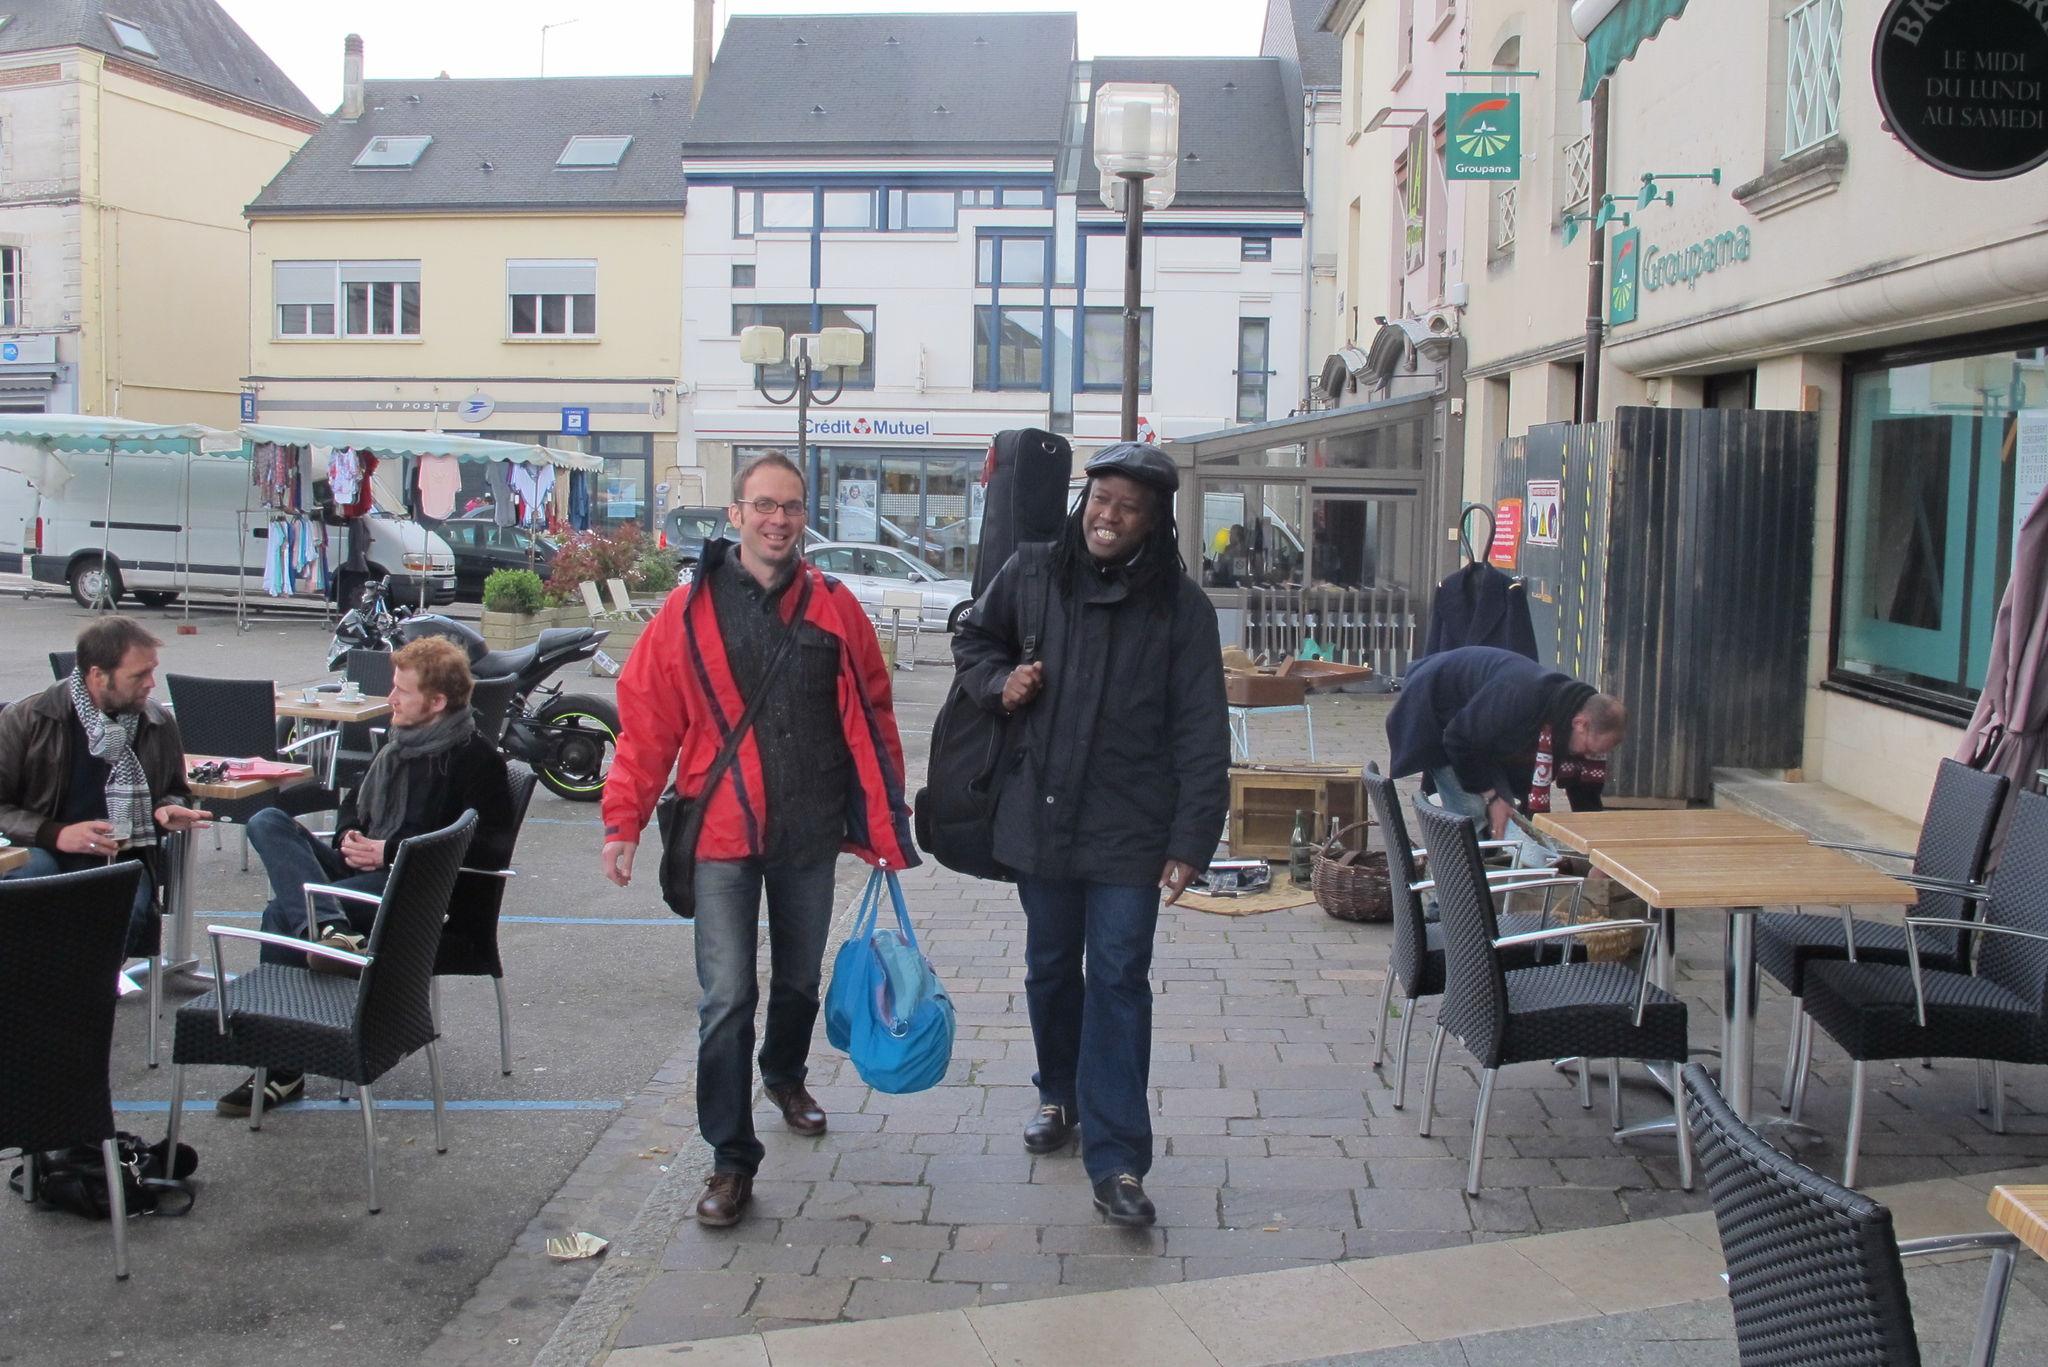 Arrivée de Souleymane à Mortagne, accompagné par Benoît